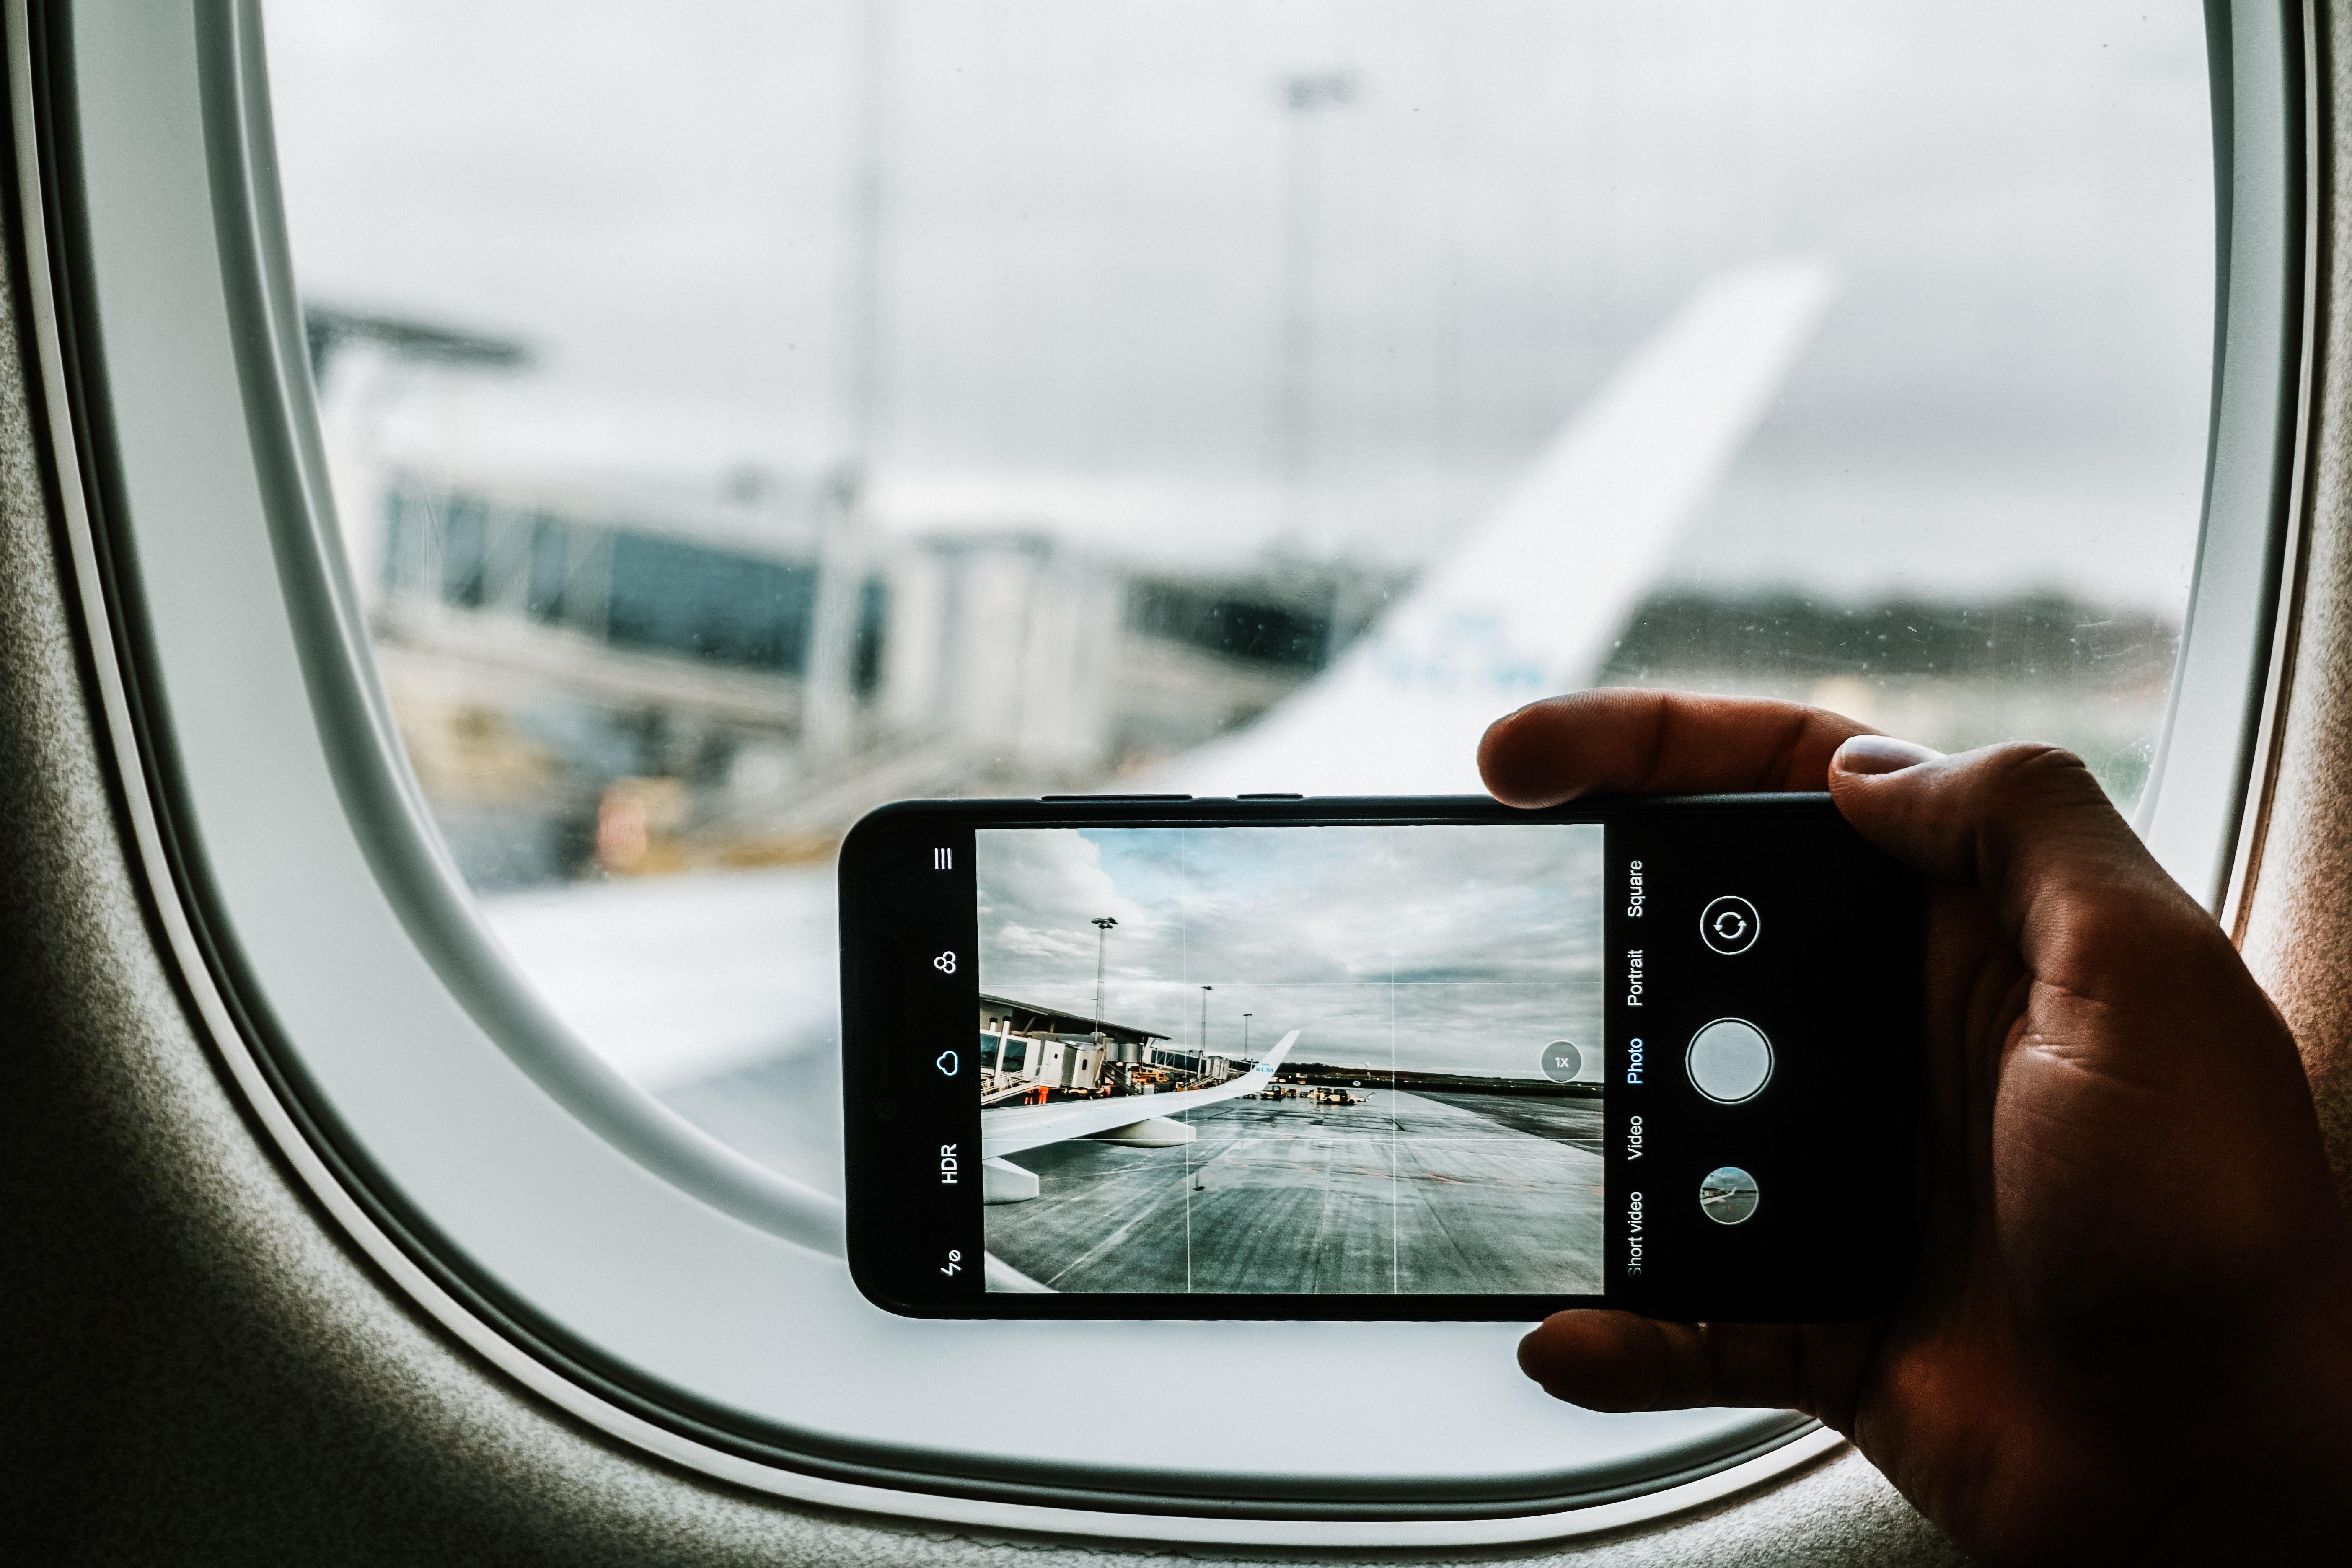 Como estão seus planos para voltar a viajar? Conheça os 13 apps gratuitos fundamentais